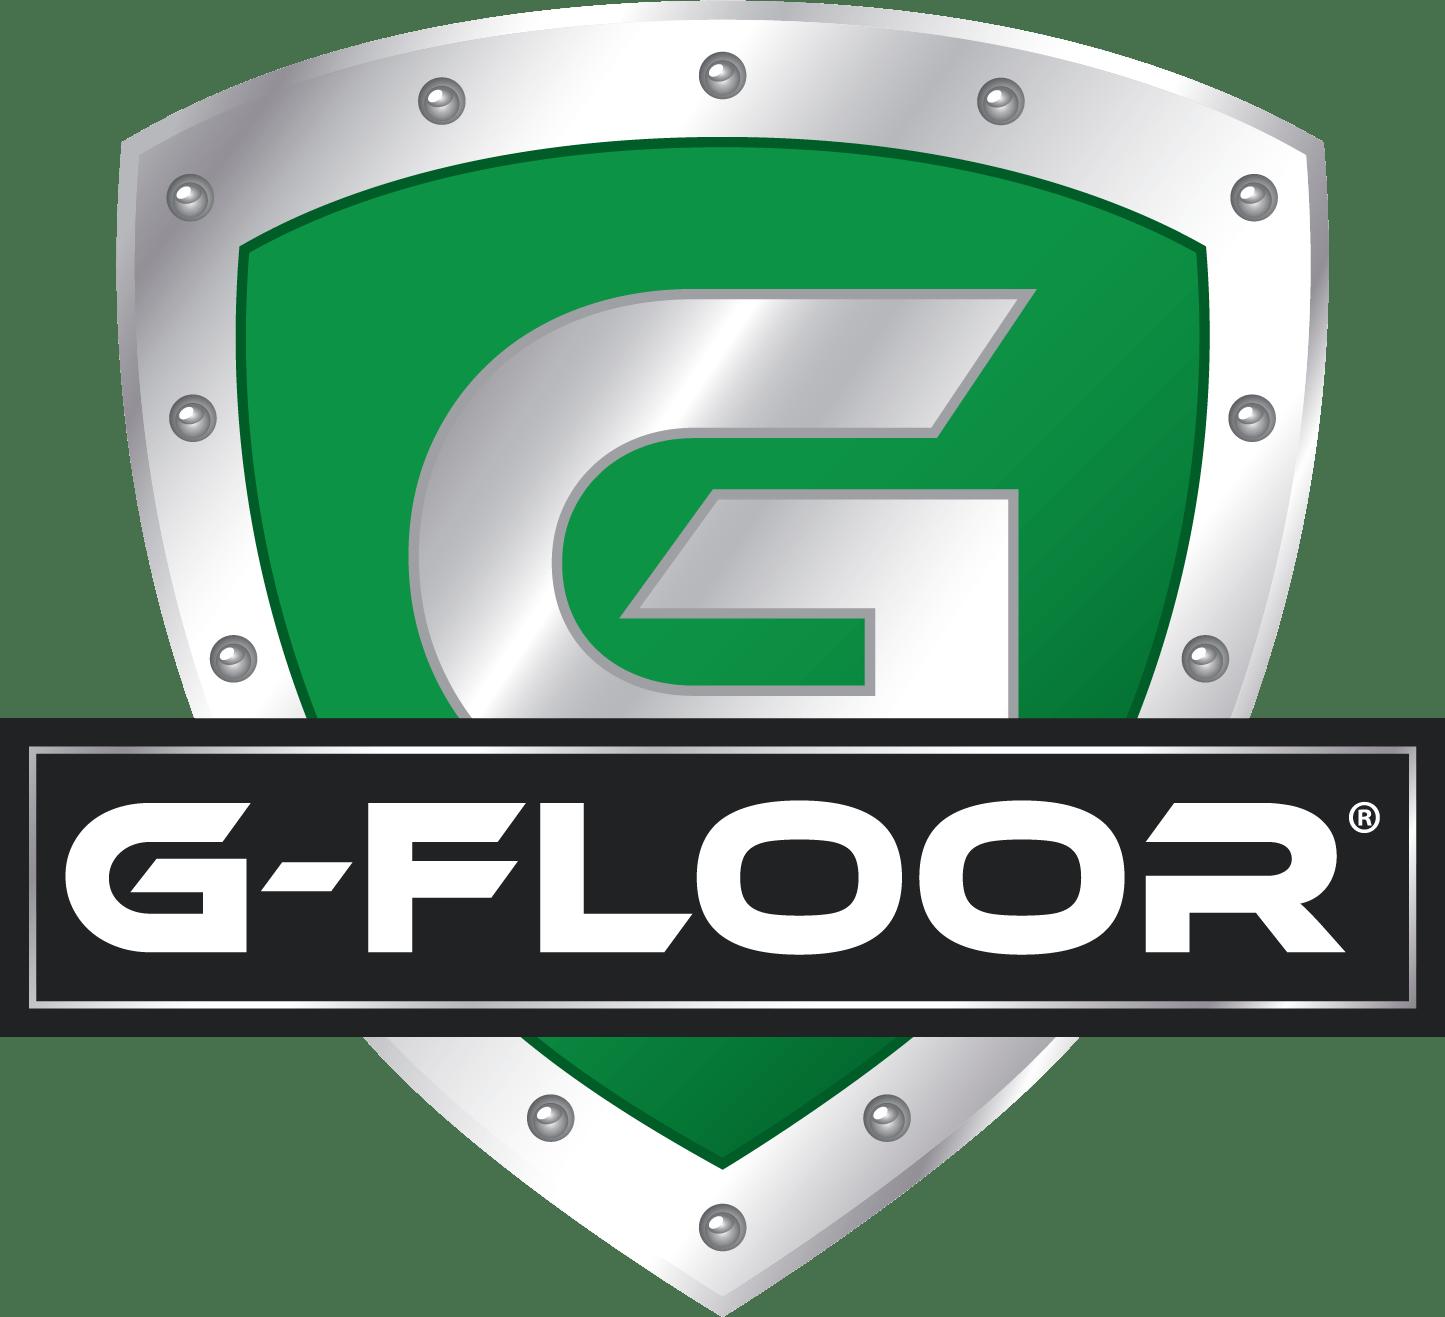 GFloor Universal Flooring